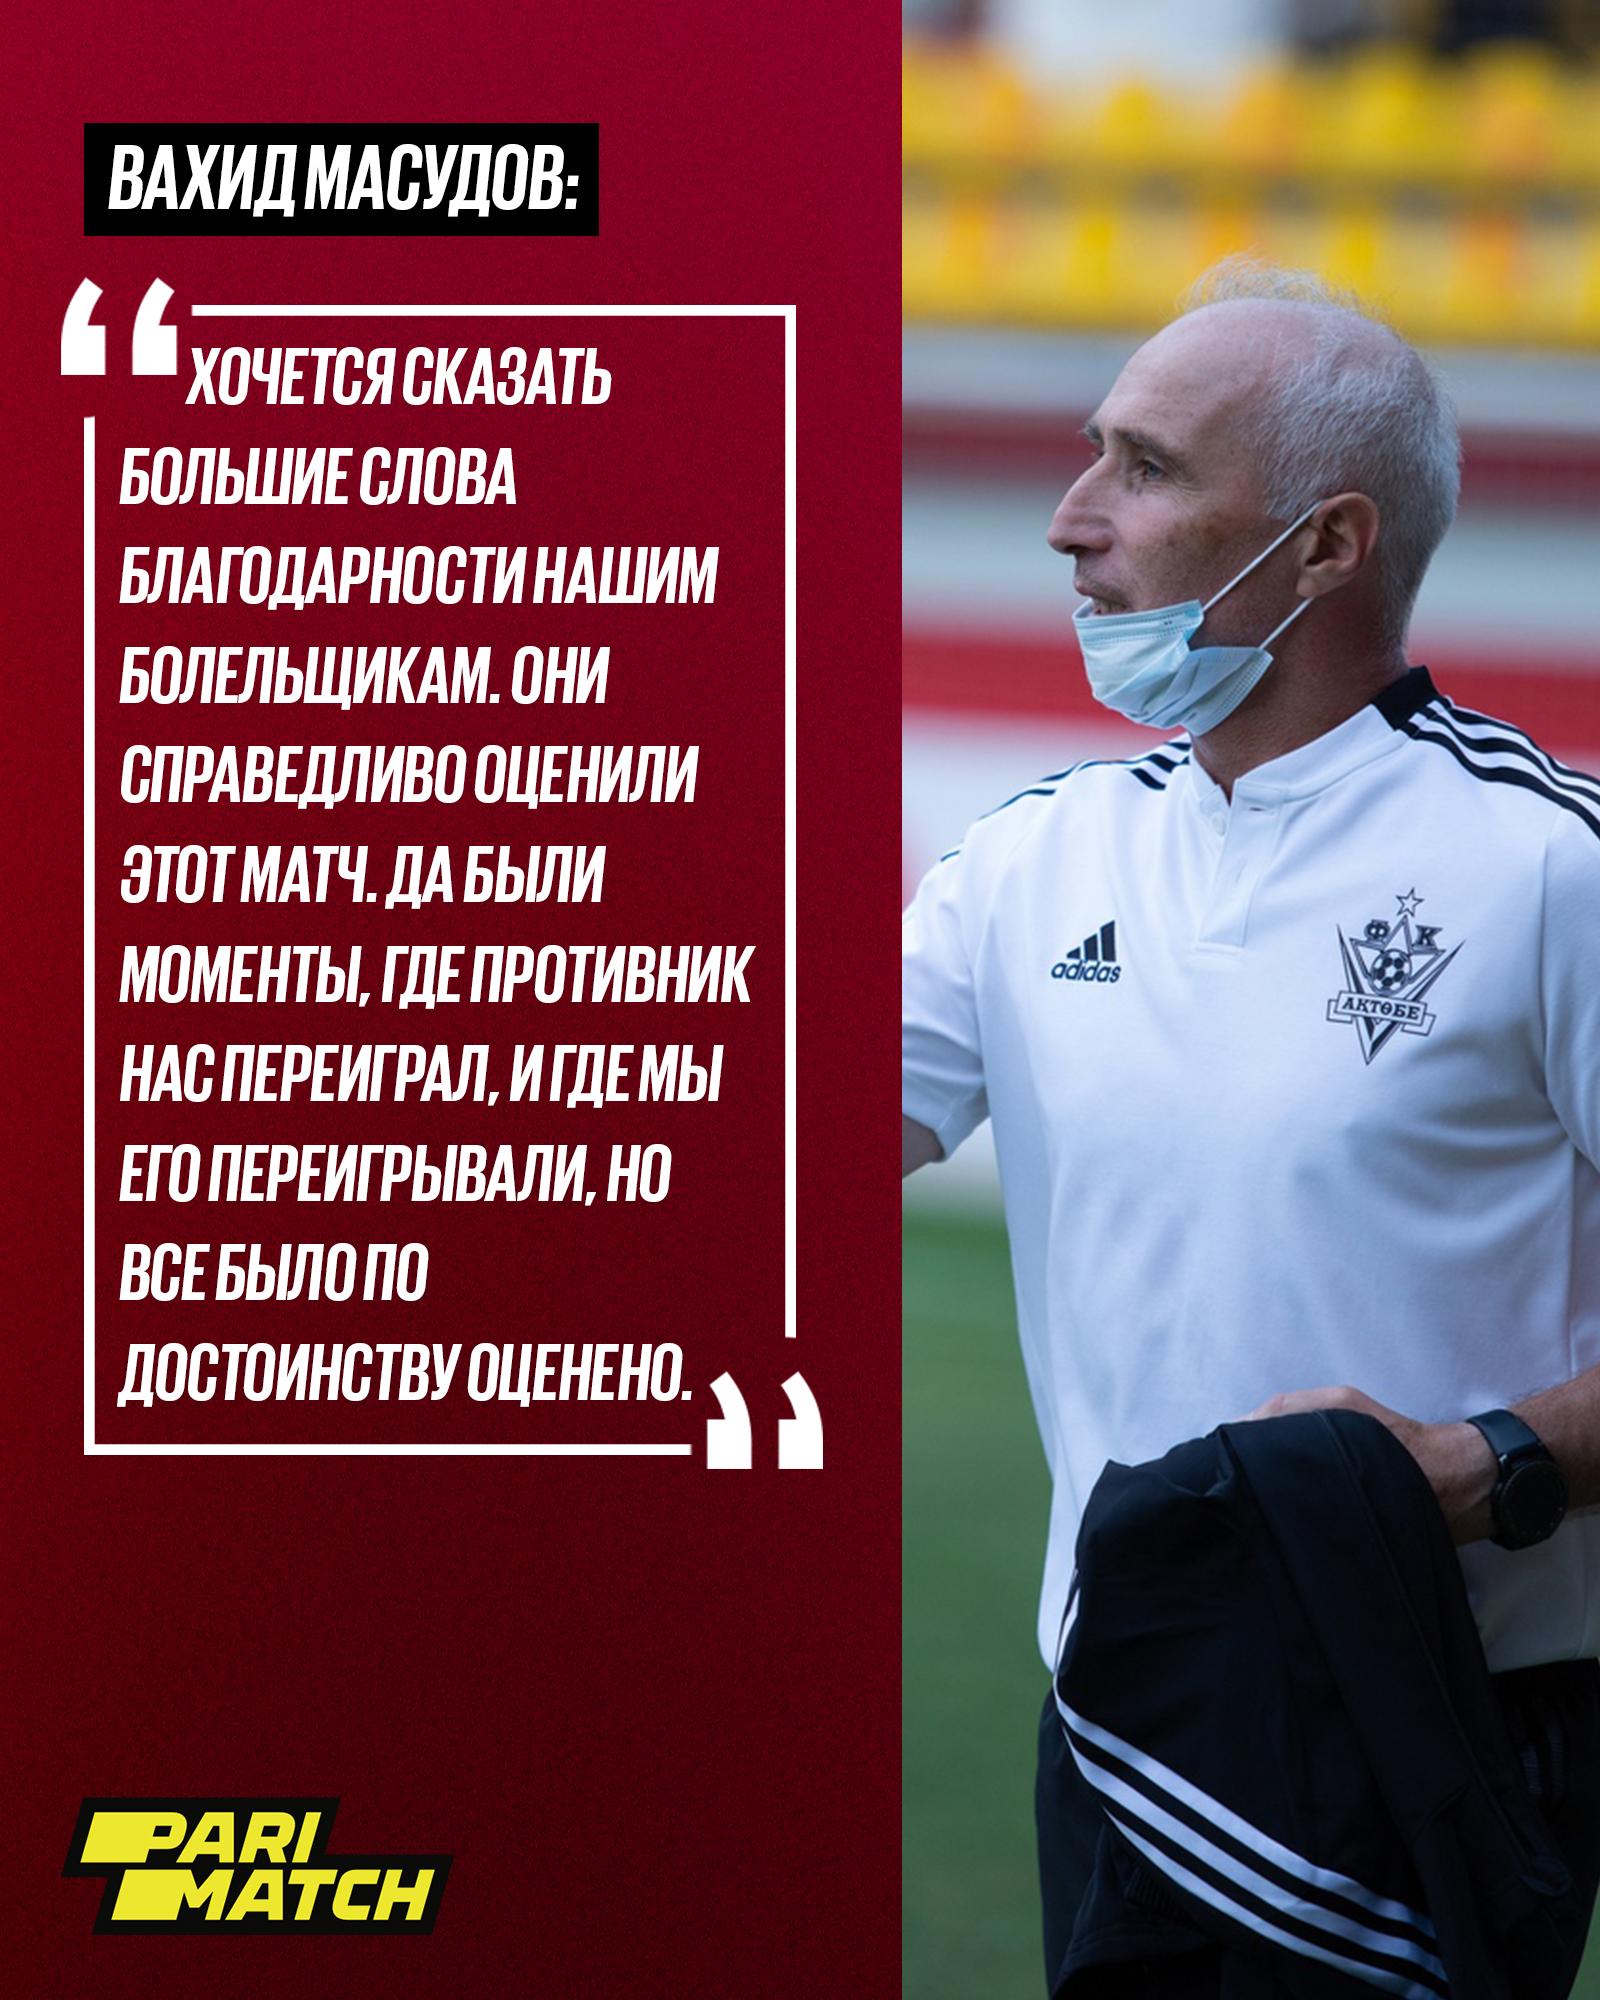 Вахид Масудов: Ради таких болельщиков команда отдала все поле!